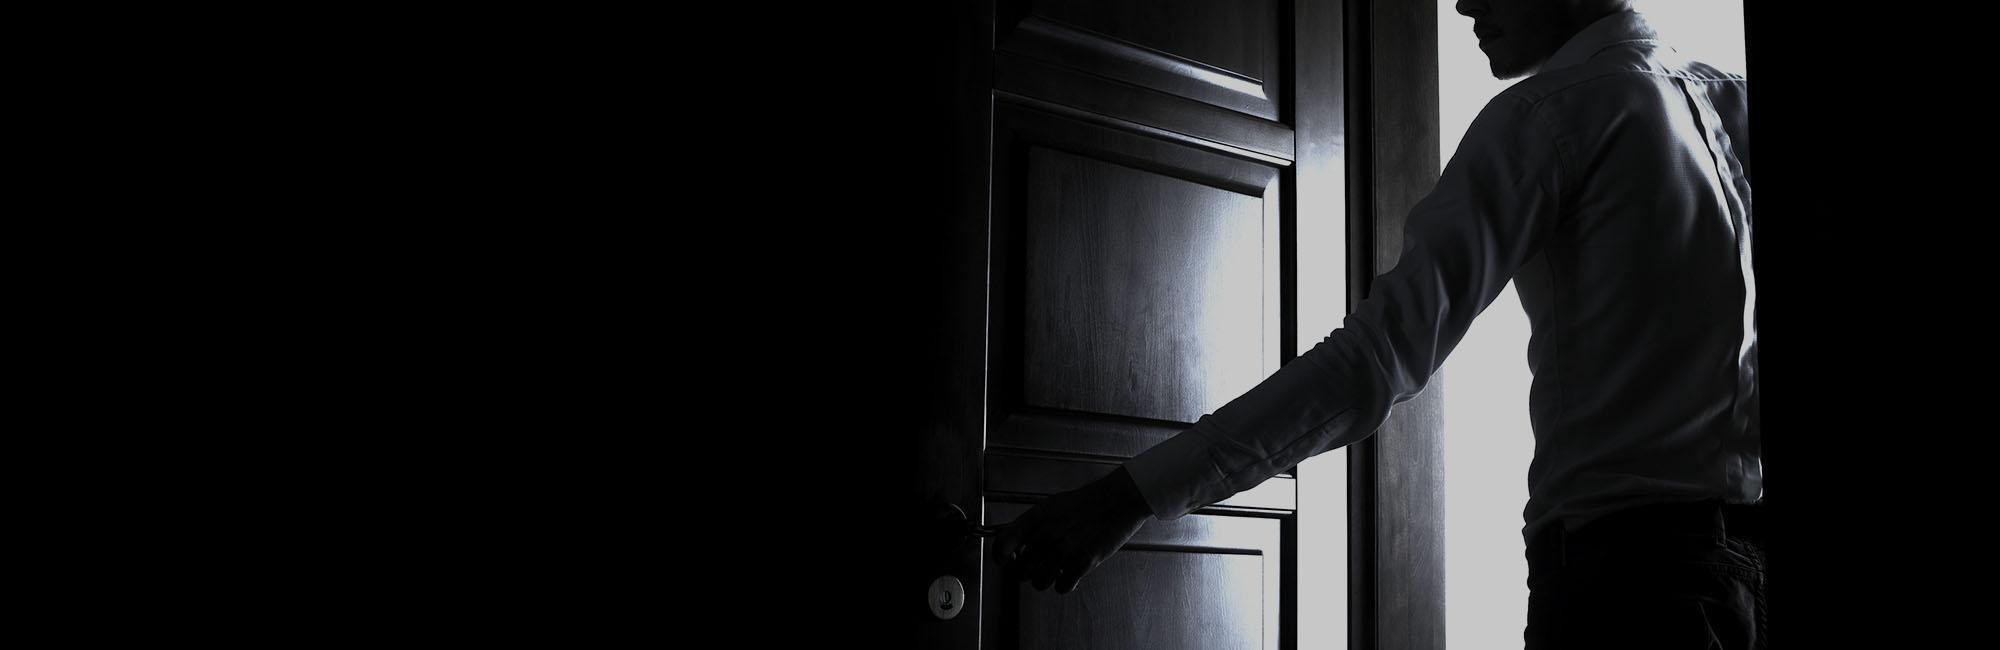 man opens door